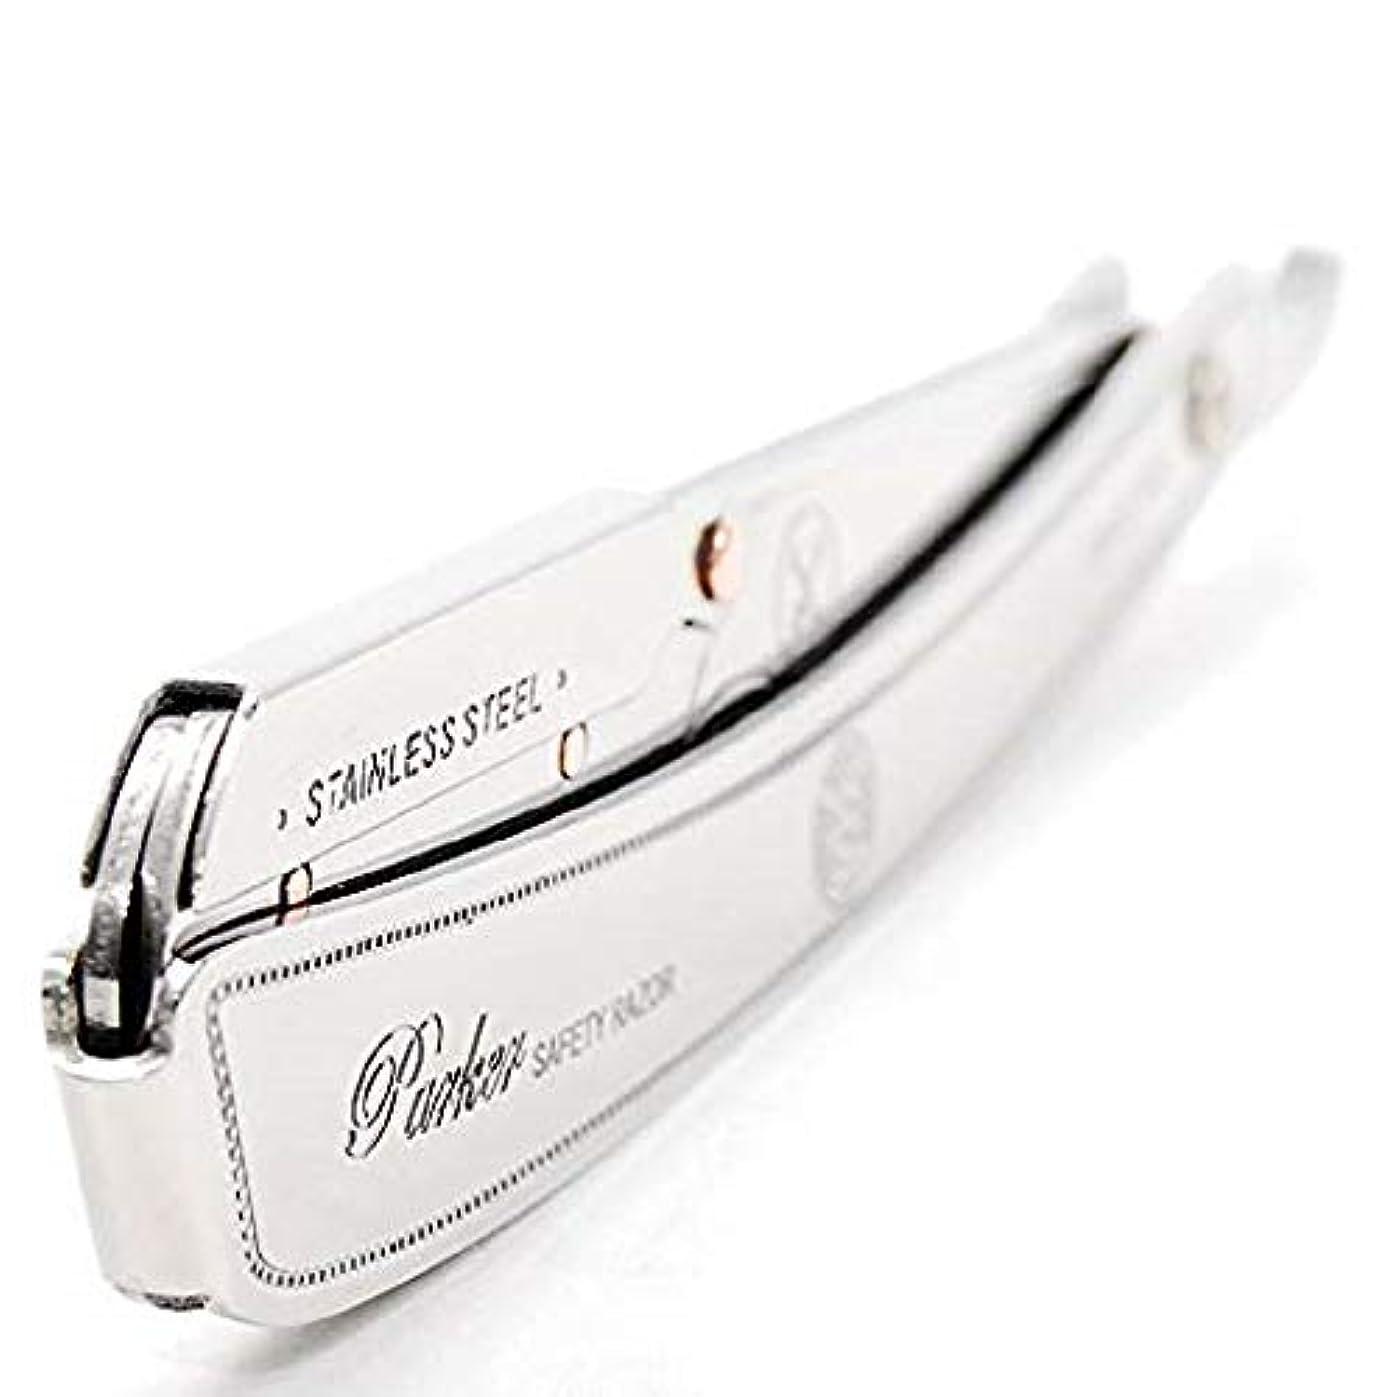 記述する文言値パーカー(Parker) SRX 剃刀 プロ用 替刃100枚、セーフティ替刃ゴミ箱の3点セット [並行輸入品]